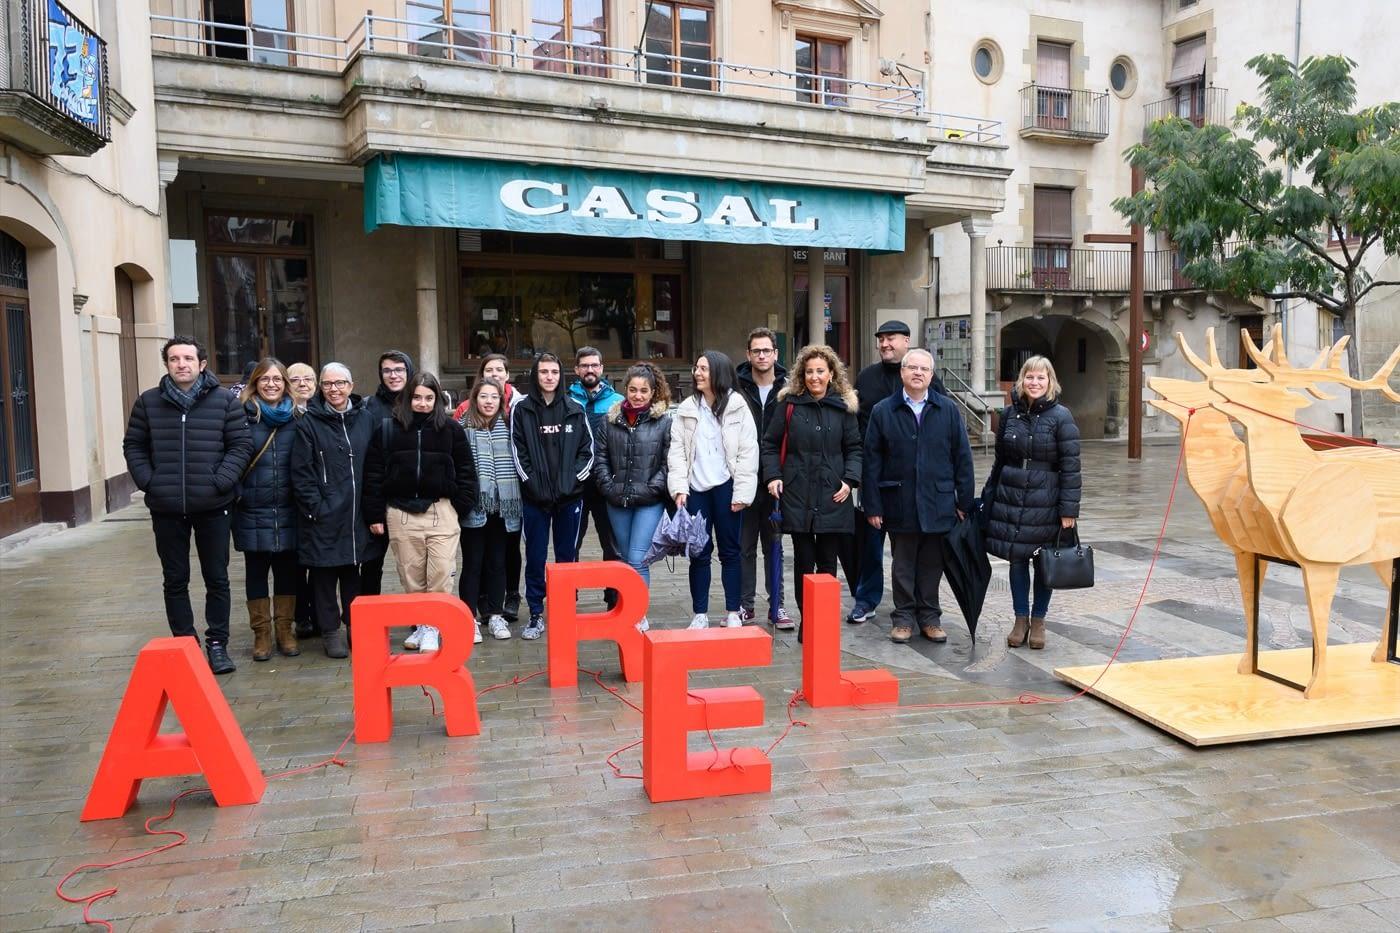 'Artèria' revitalitza el carrer Major de Cervera amb les intervencions artístiques dels alumnes de l'escola Leandre Cristòfol